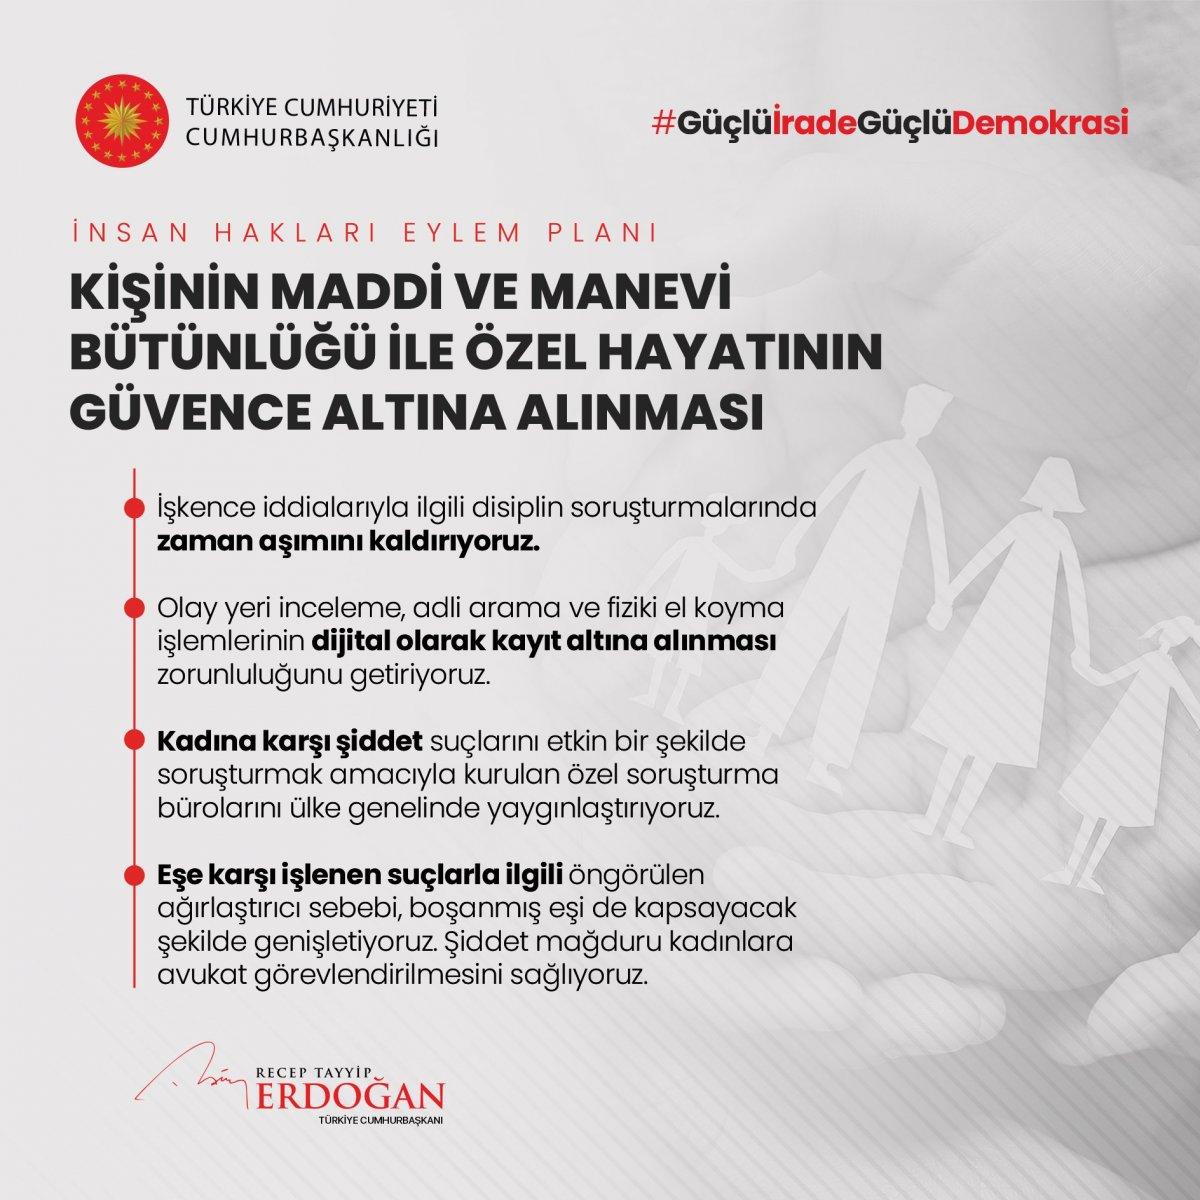 Erdoğan, İnsan Hakları Eylem Planı'nın 11 ilkesini açıkladı #6